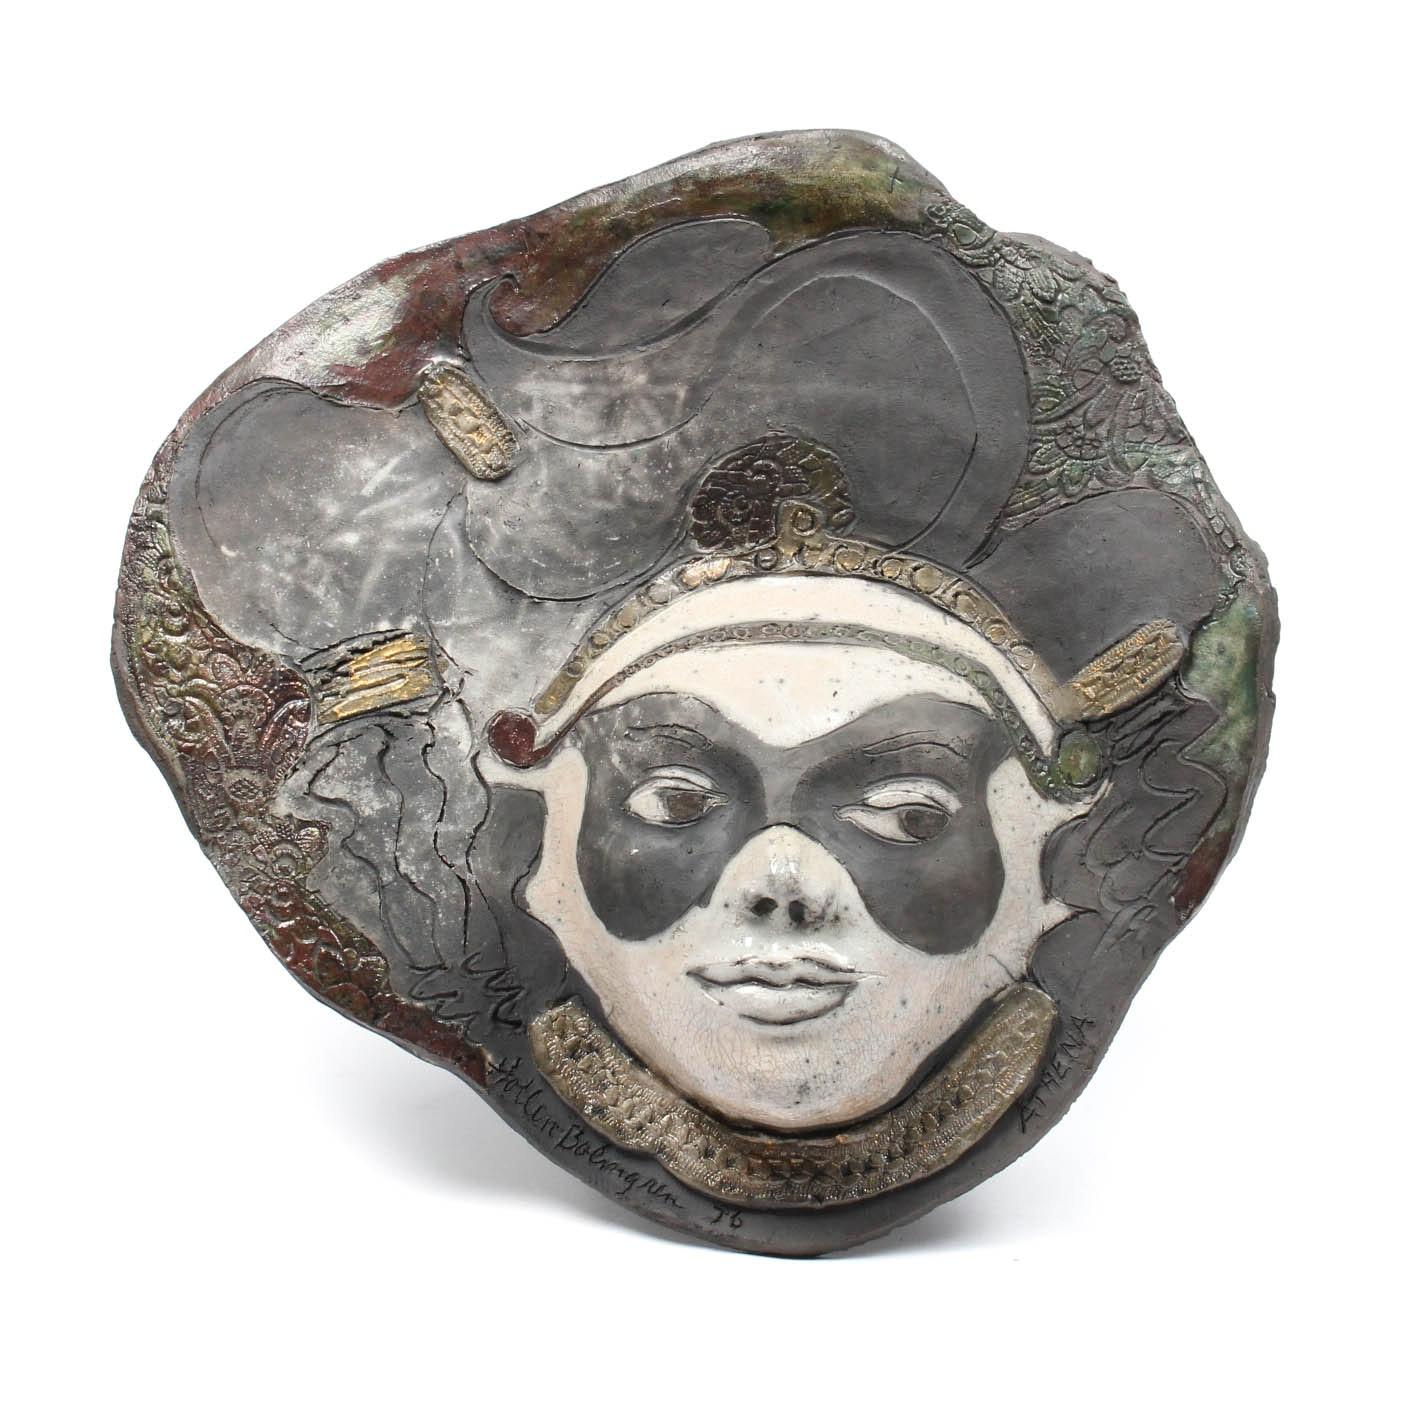 """Raku Pottery Mask """"Athena"""" by Donna Hollen Bolmgren"""